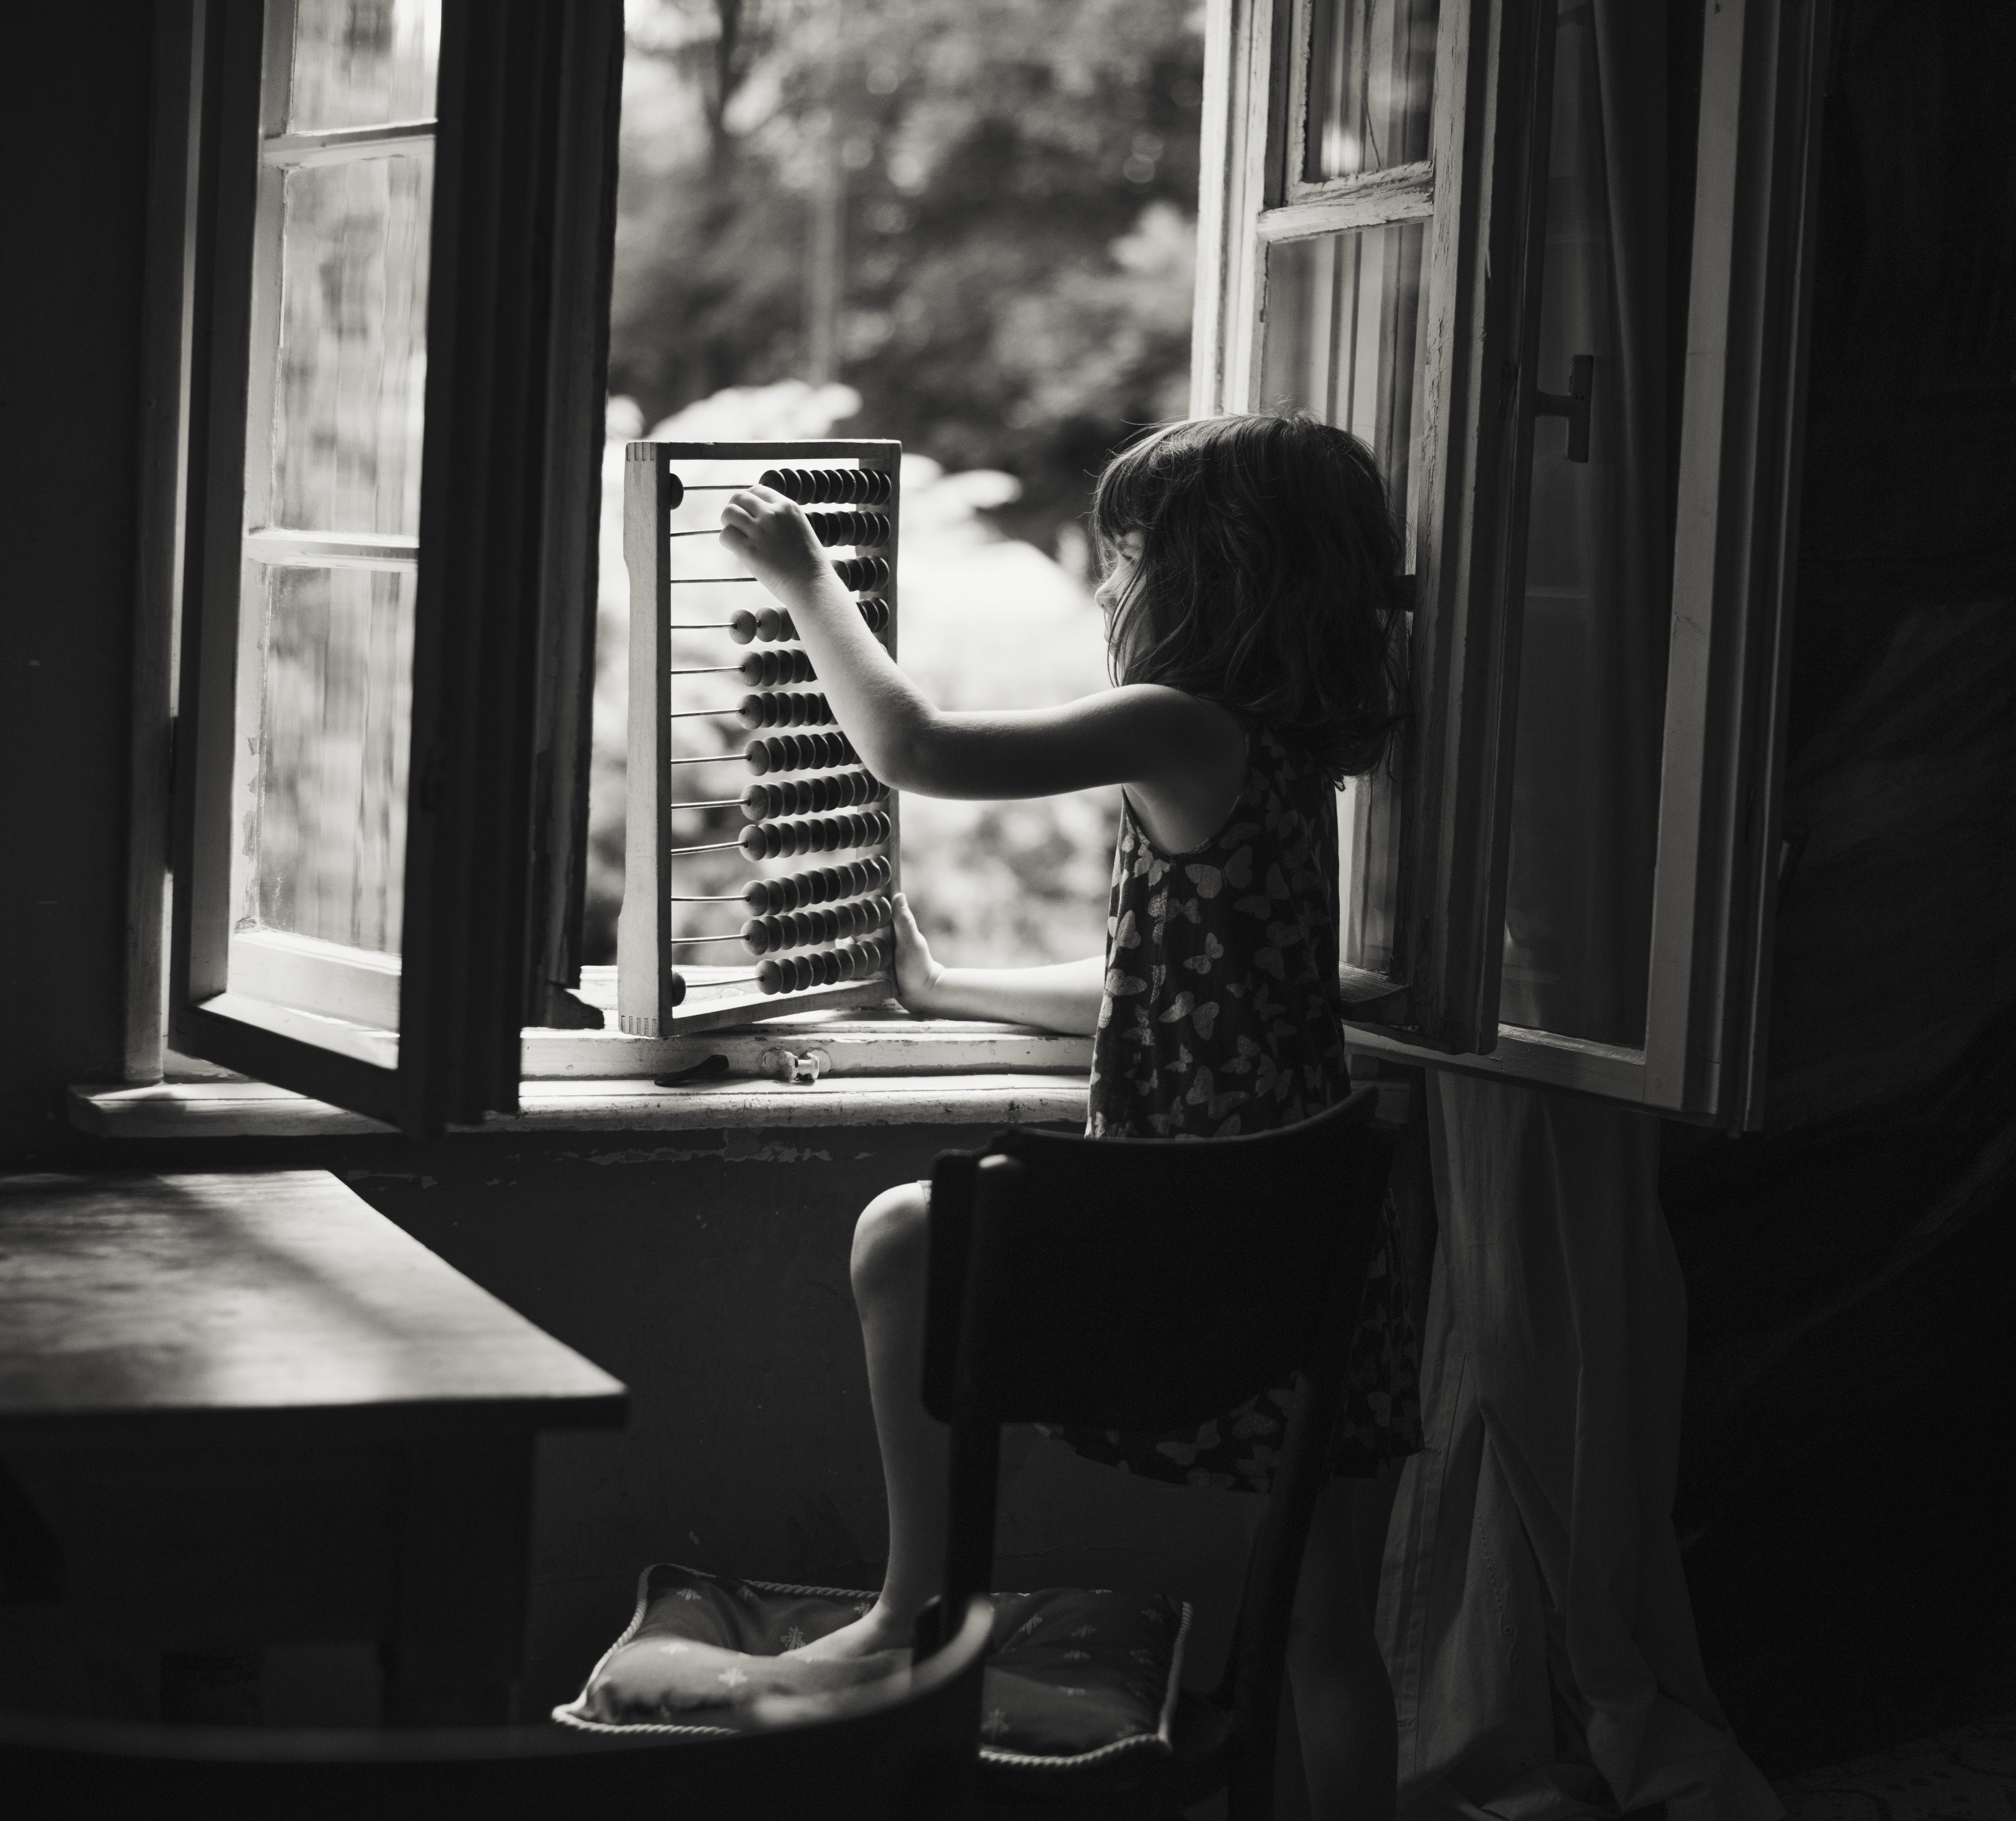 Обои настроение, Девочка, окно. Разное foto 12